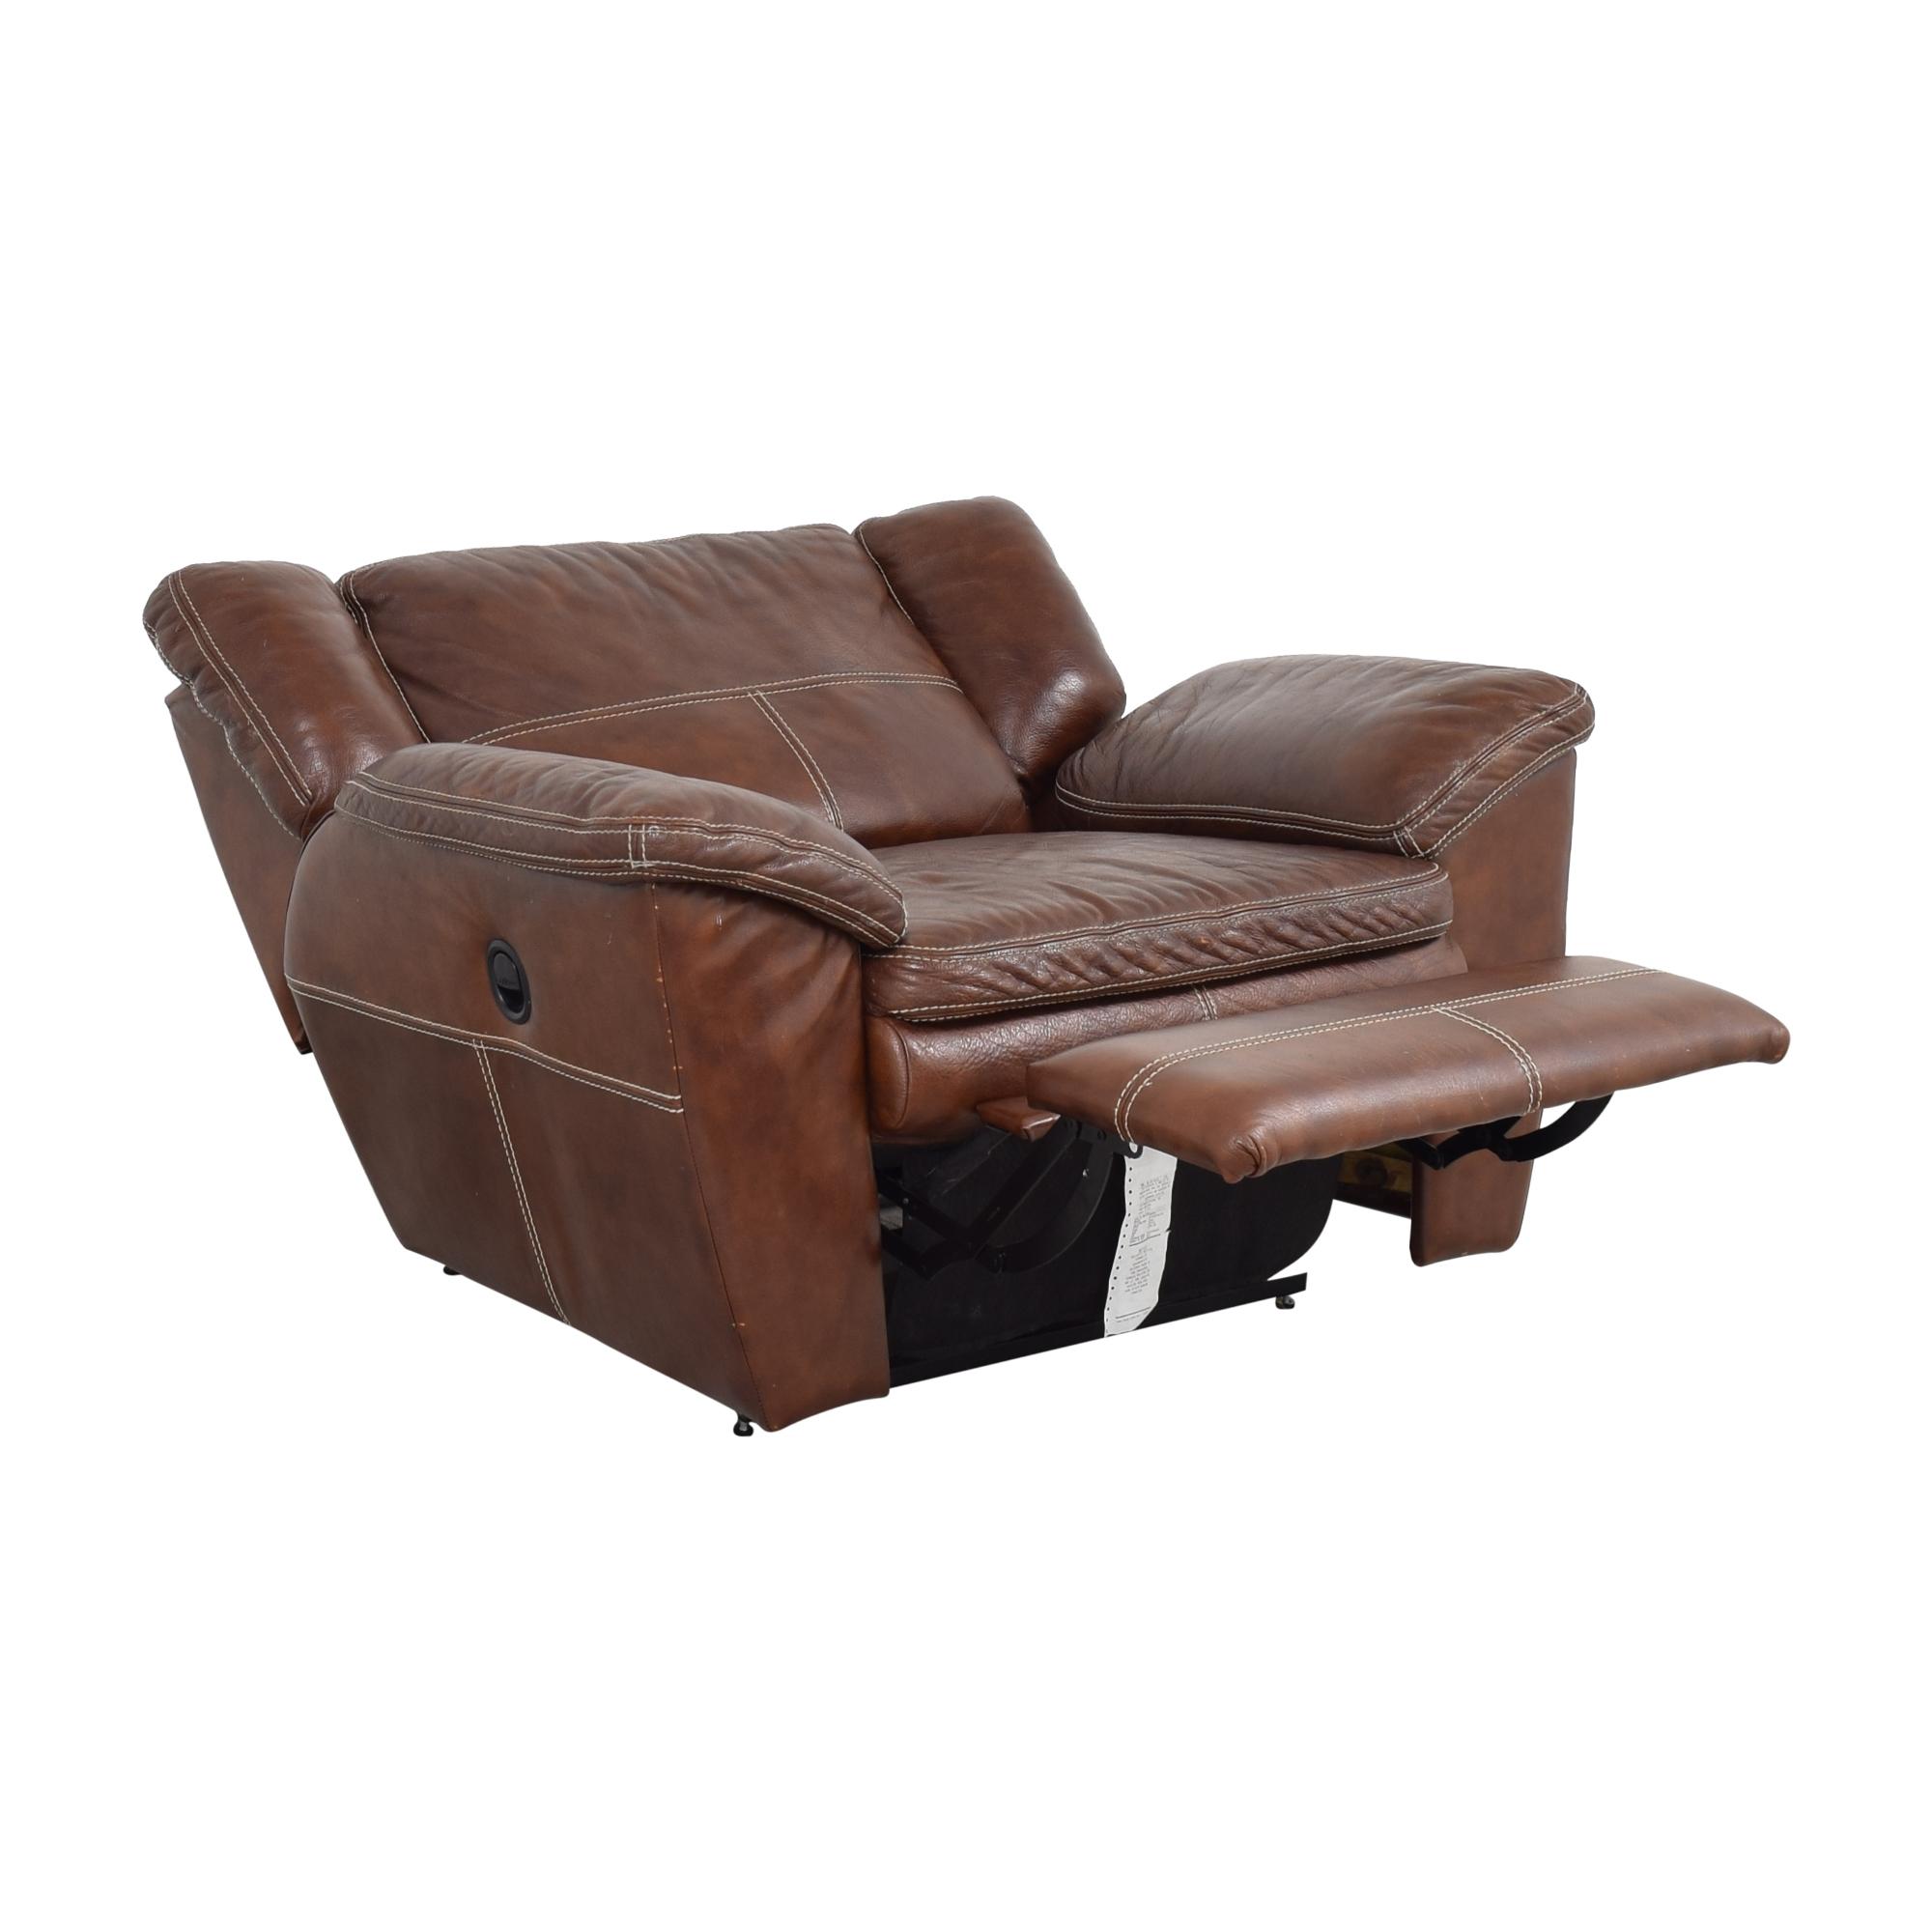 La-Z-Boy La-Z-Boy Leather Recliner Chair Recliners